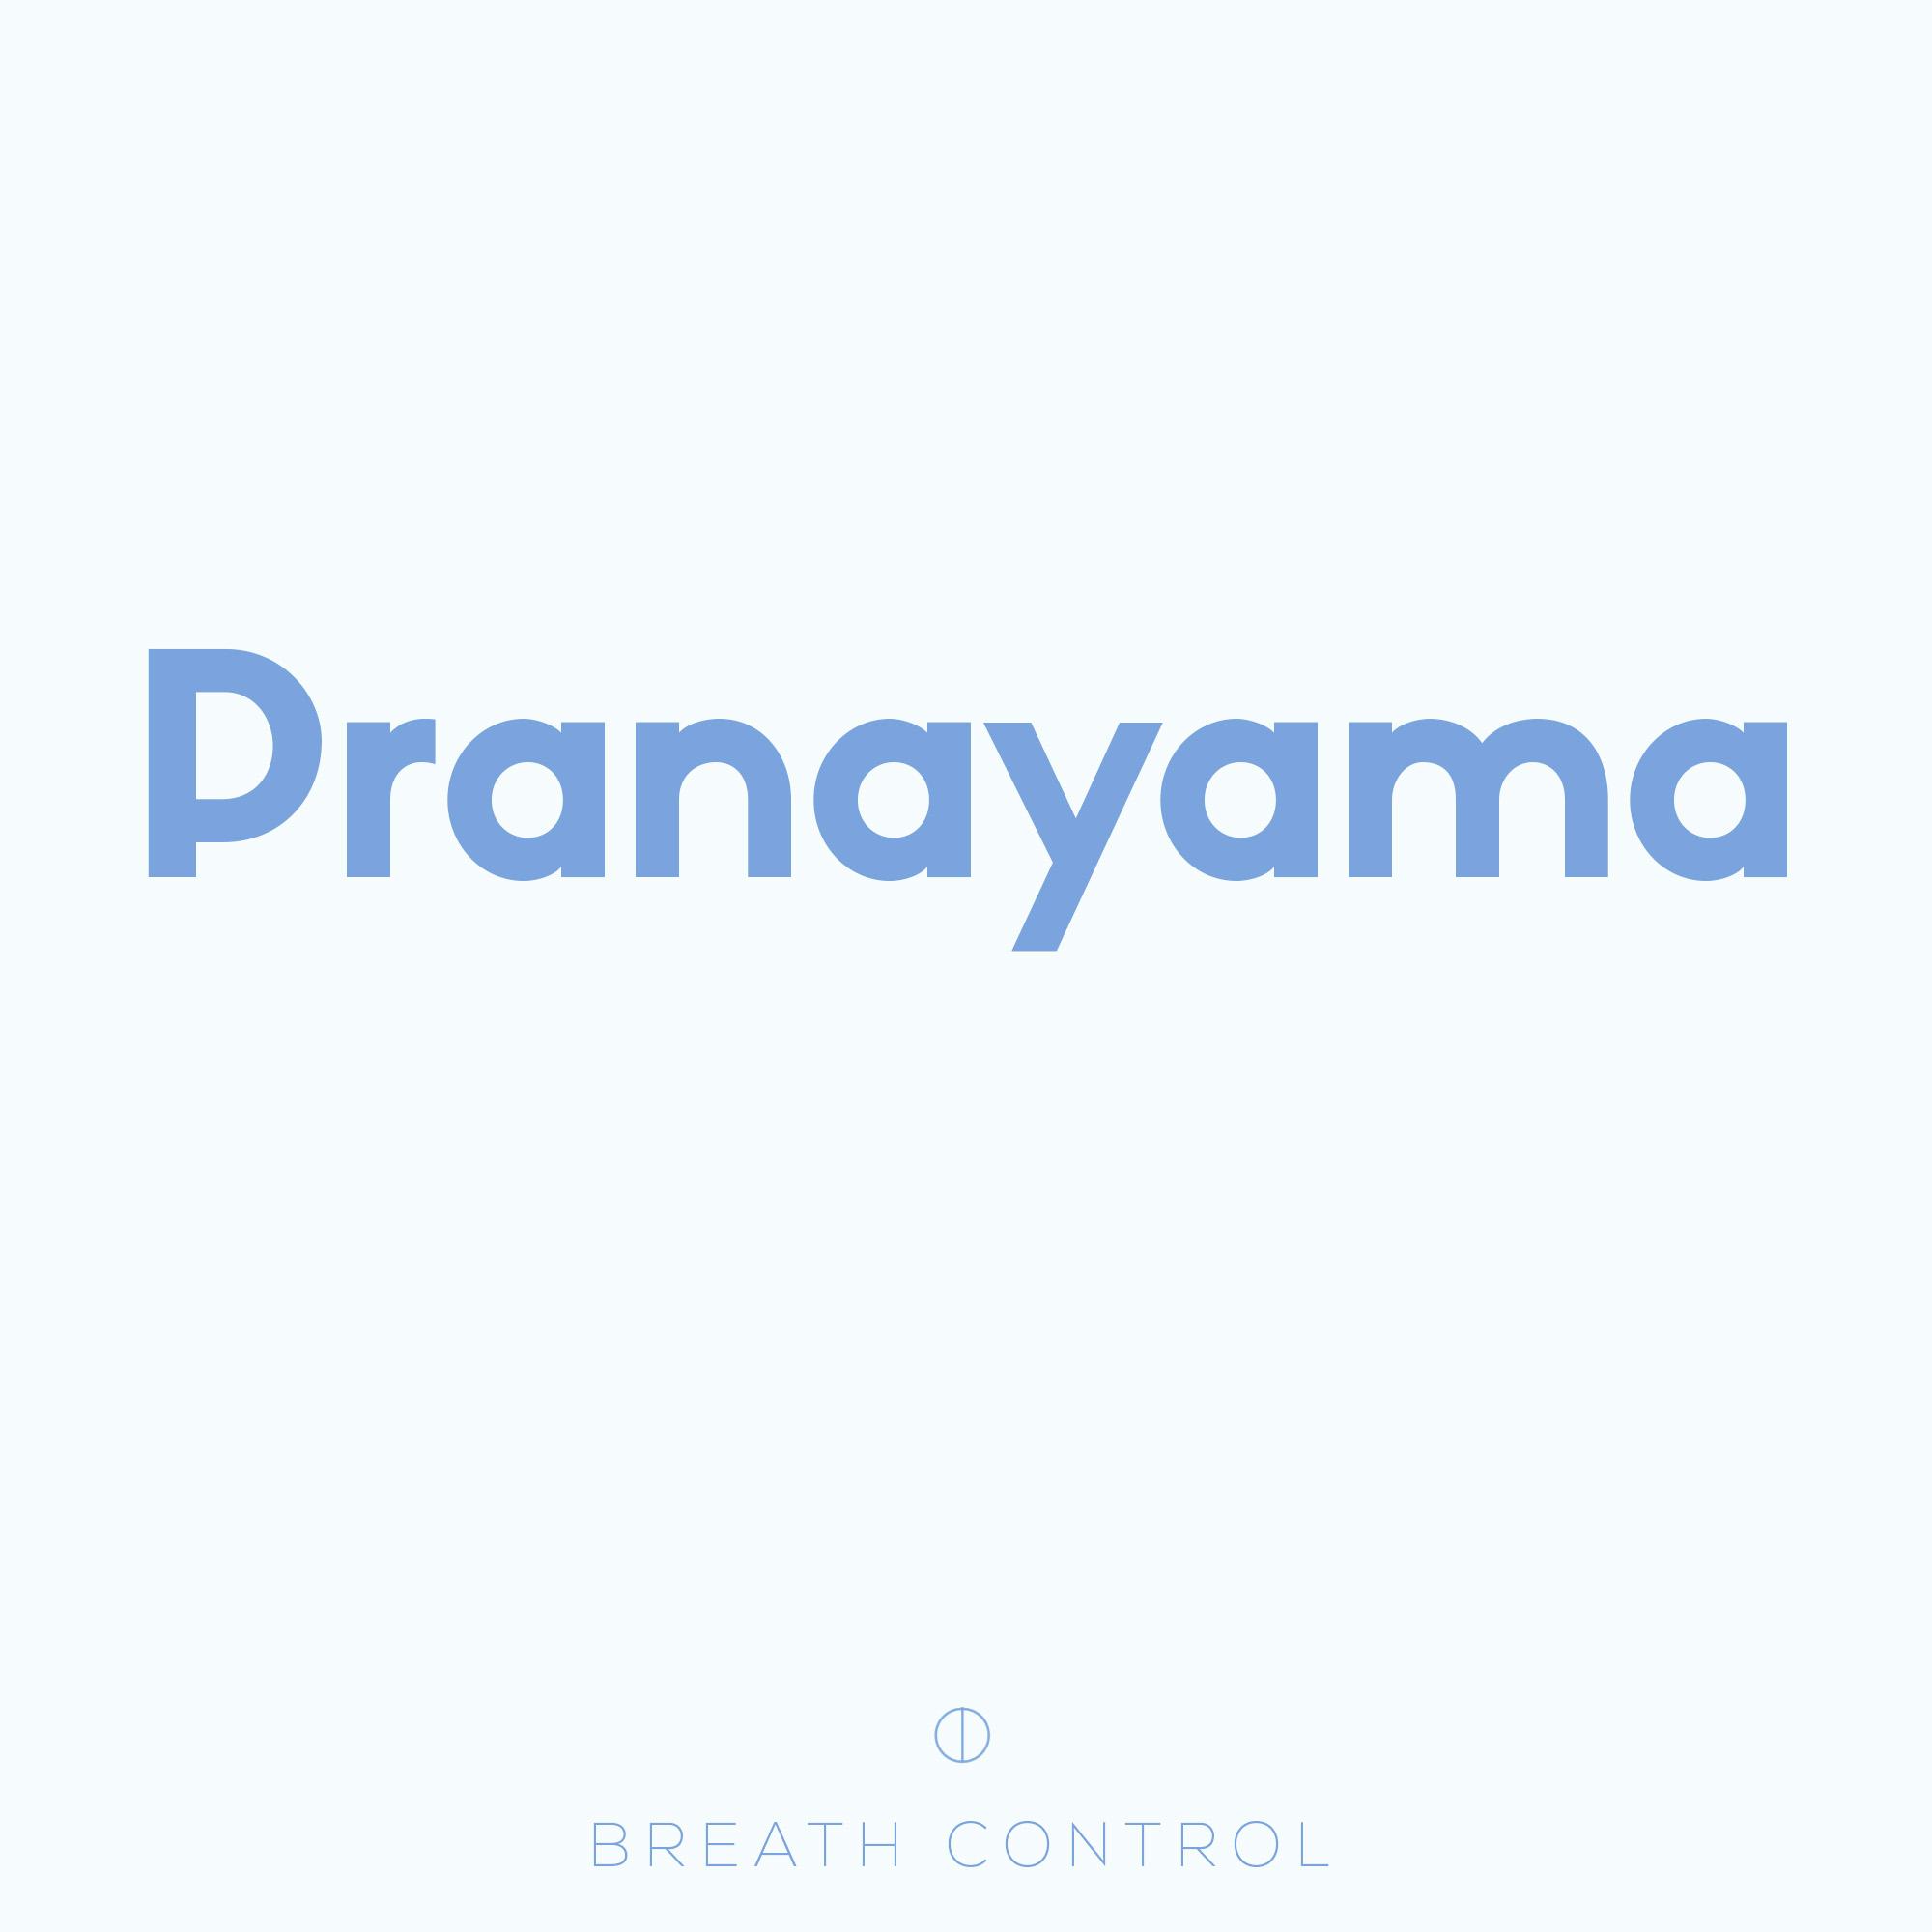 Sanskrit Definition Pranayama